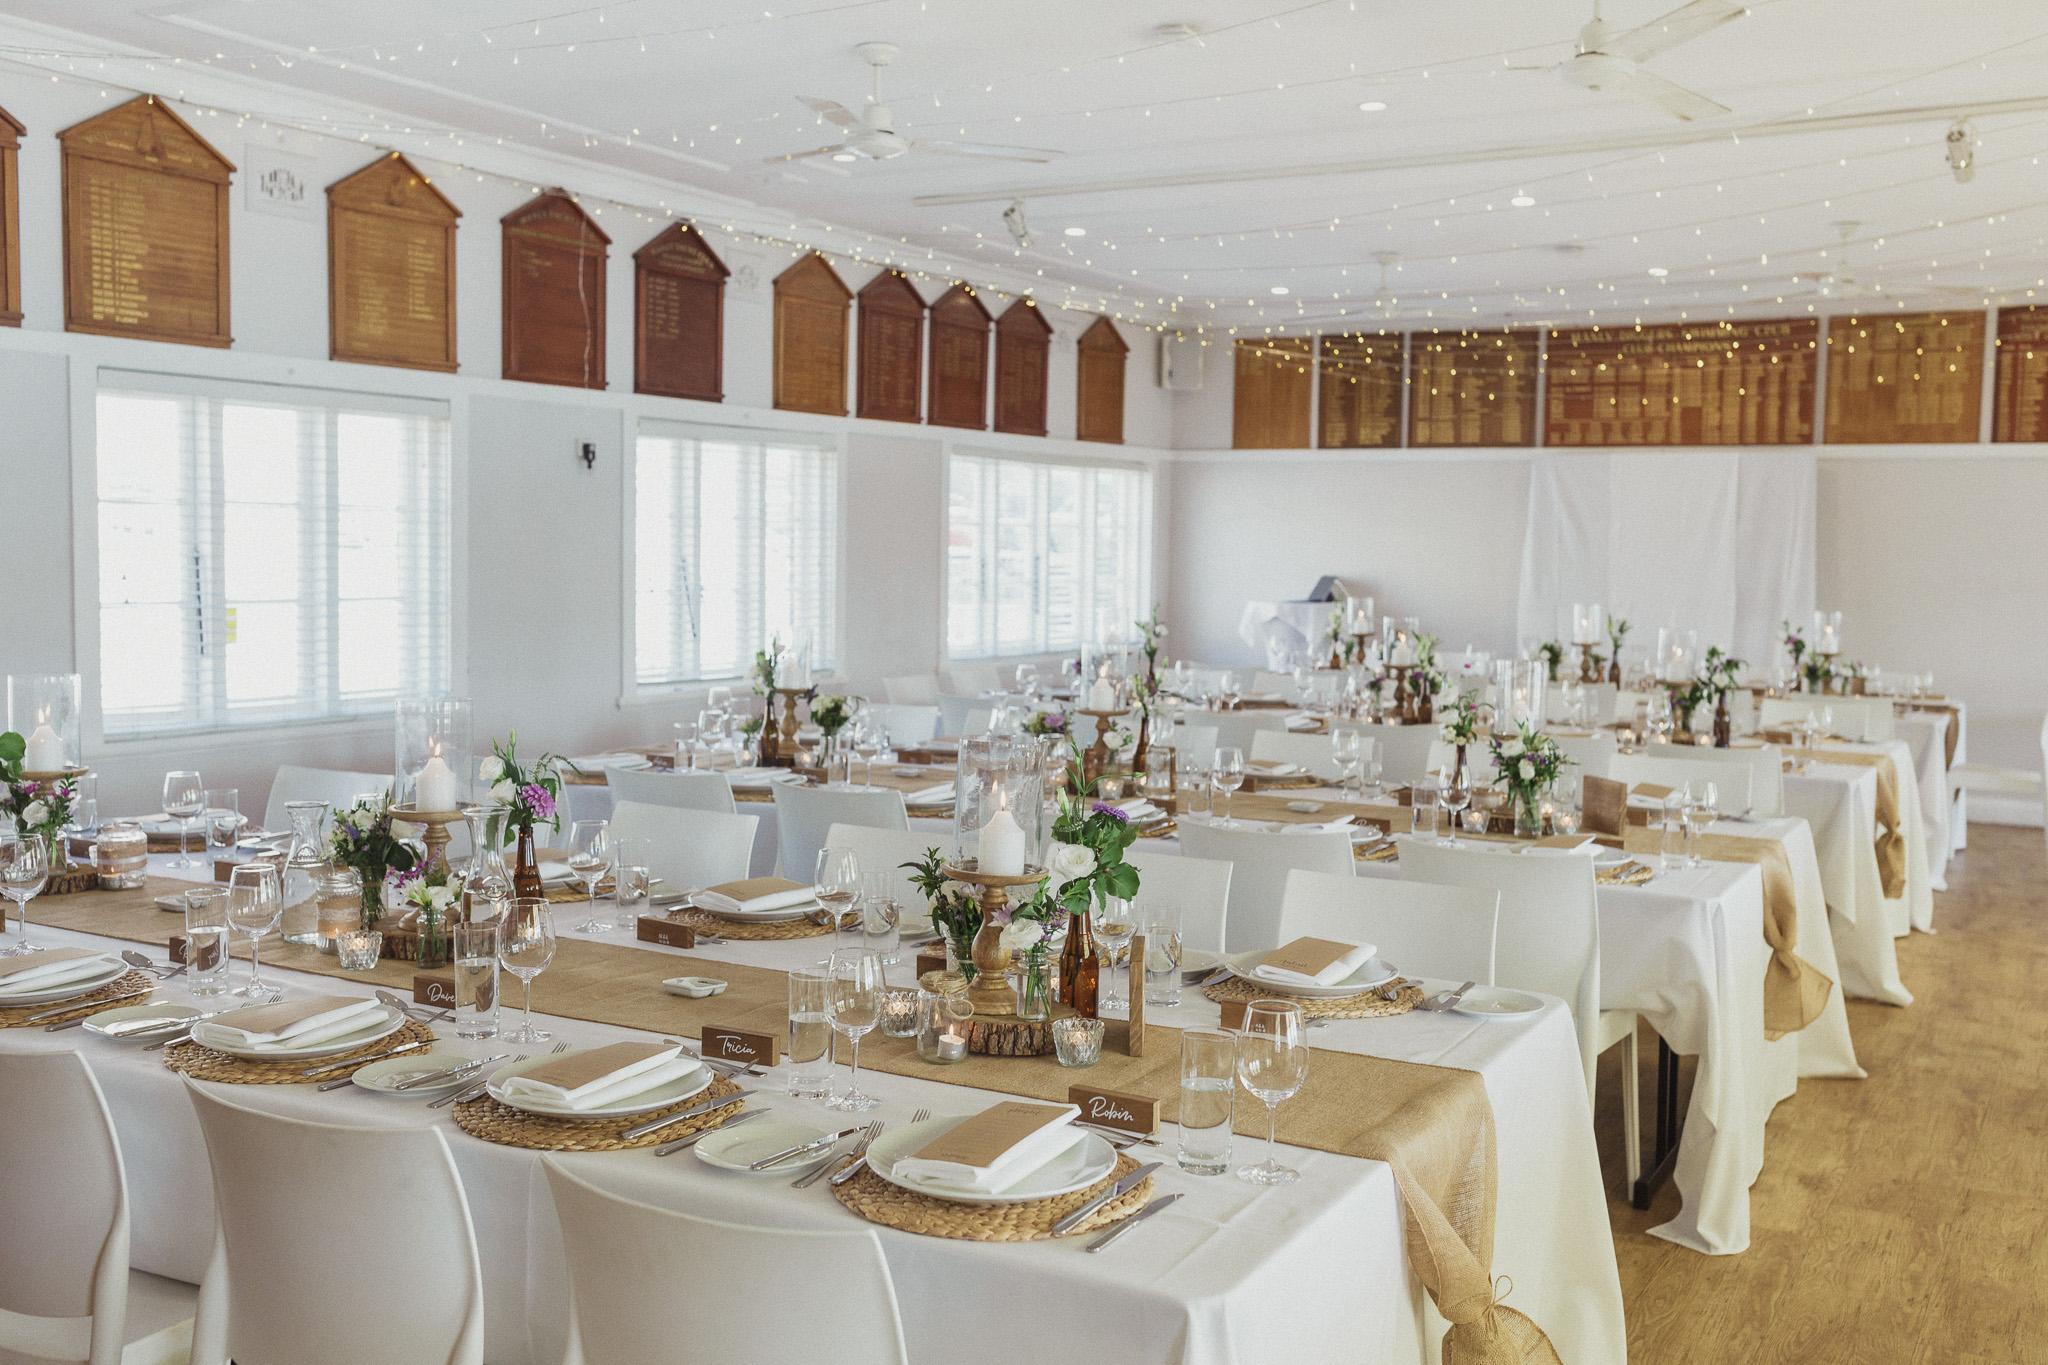 Manly_Yacht_Club_Formal_Wedding_Planner_Rustic_Beach.jpg